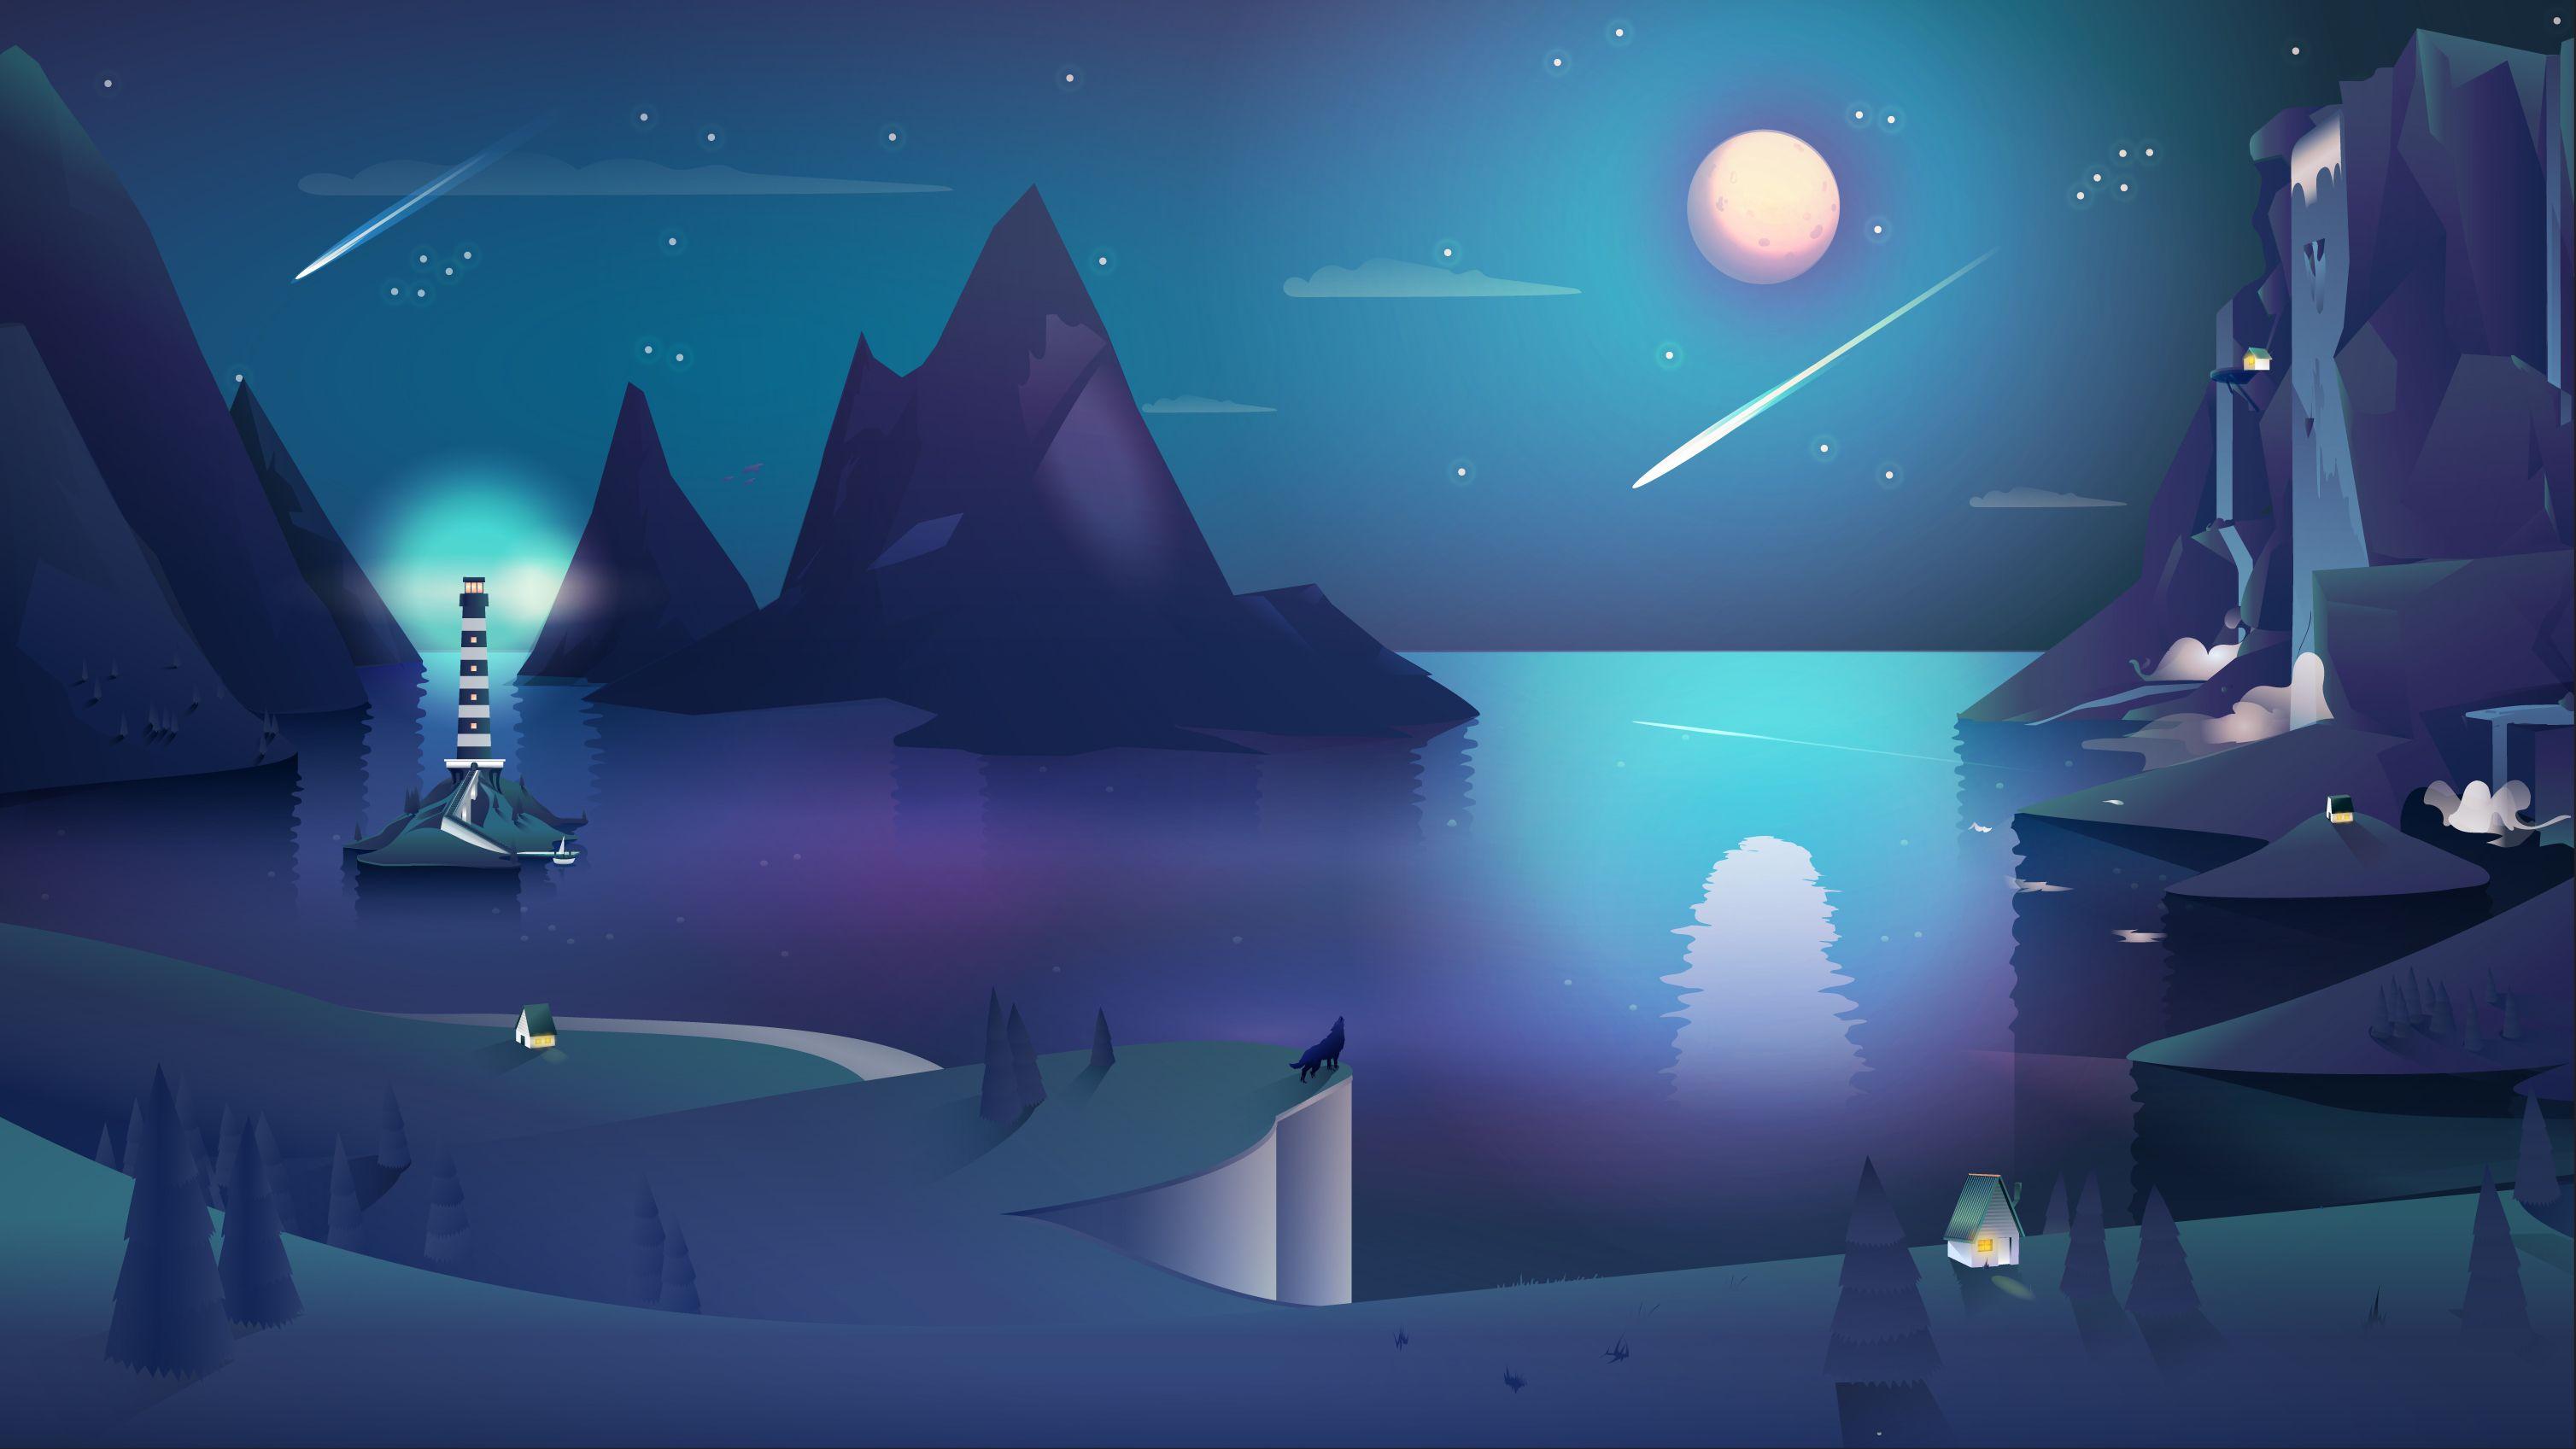 Summer Night Game Background Art Landscape Illustration Dusk